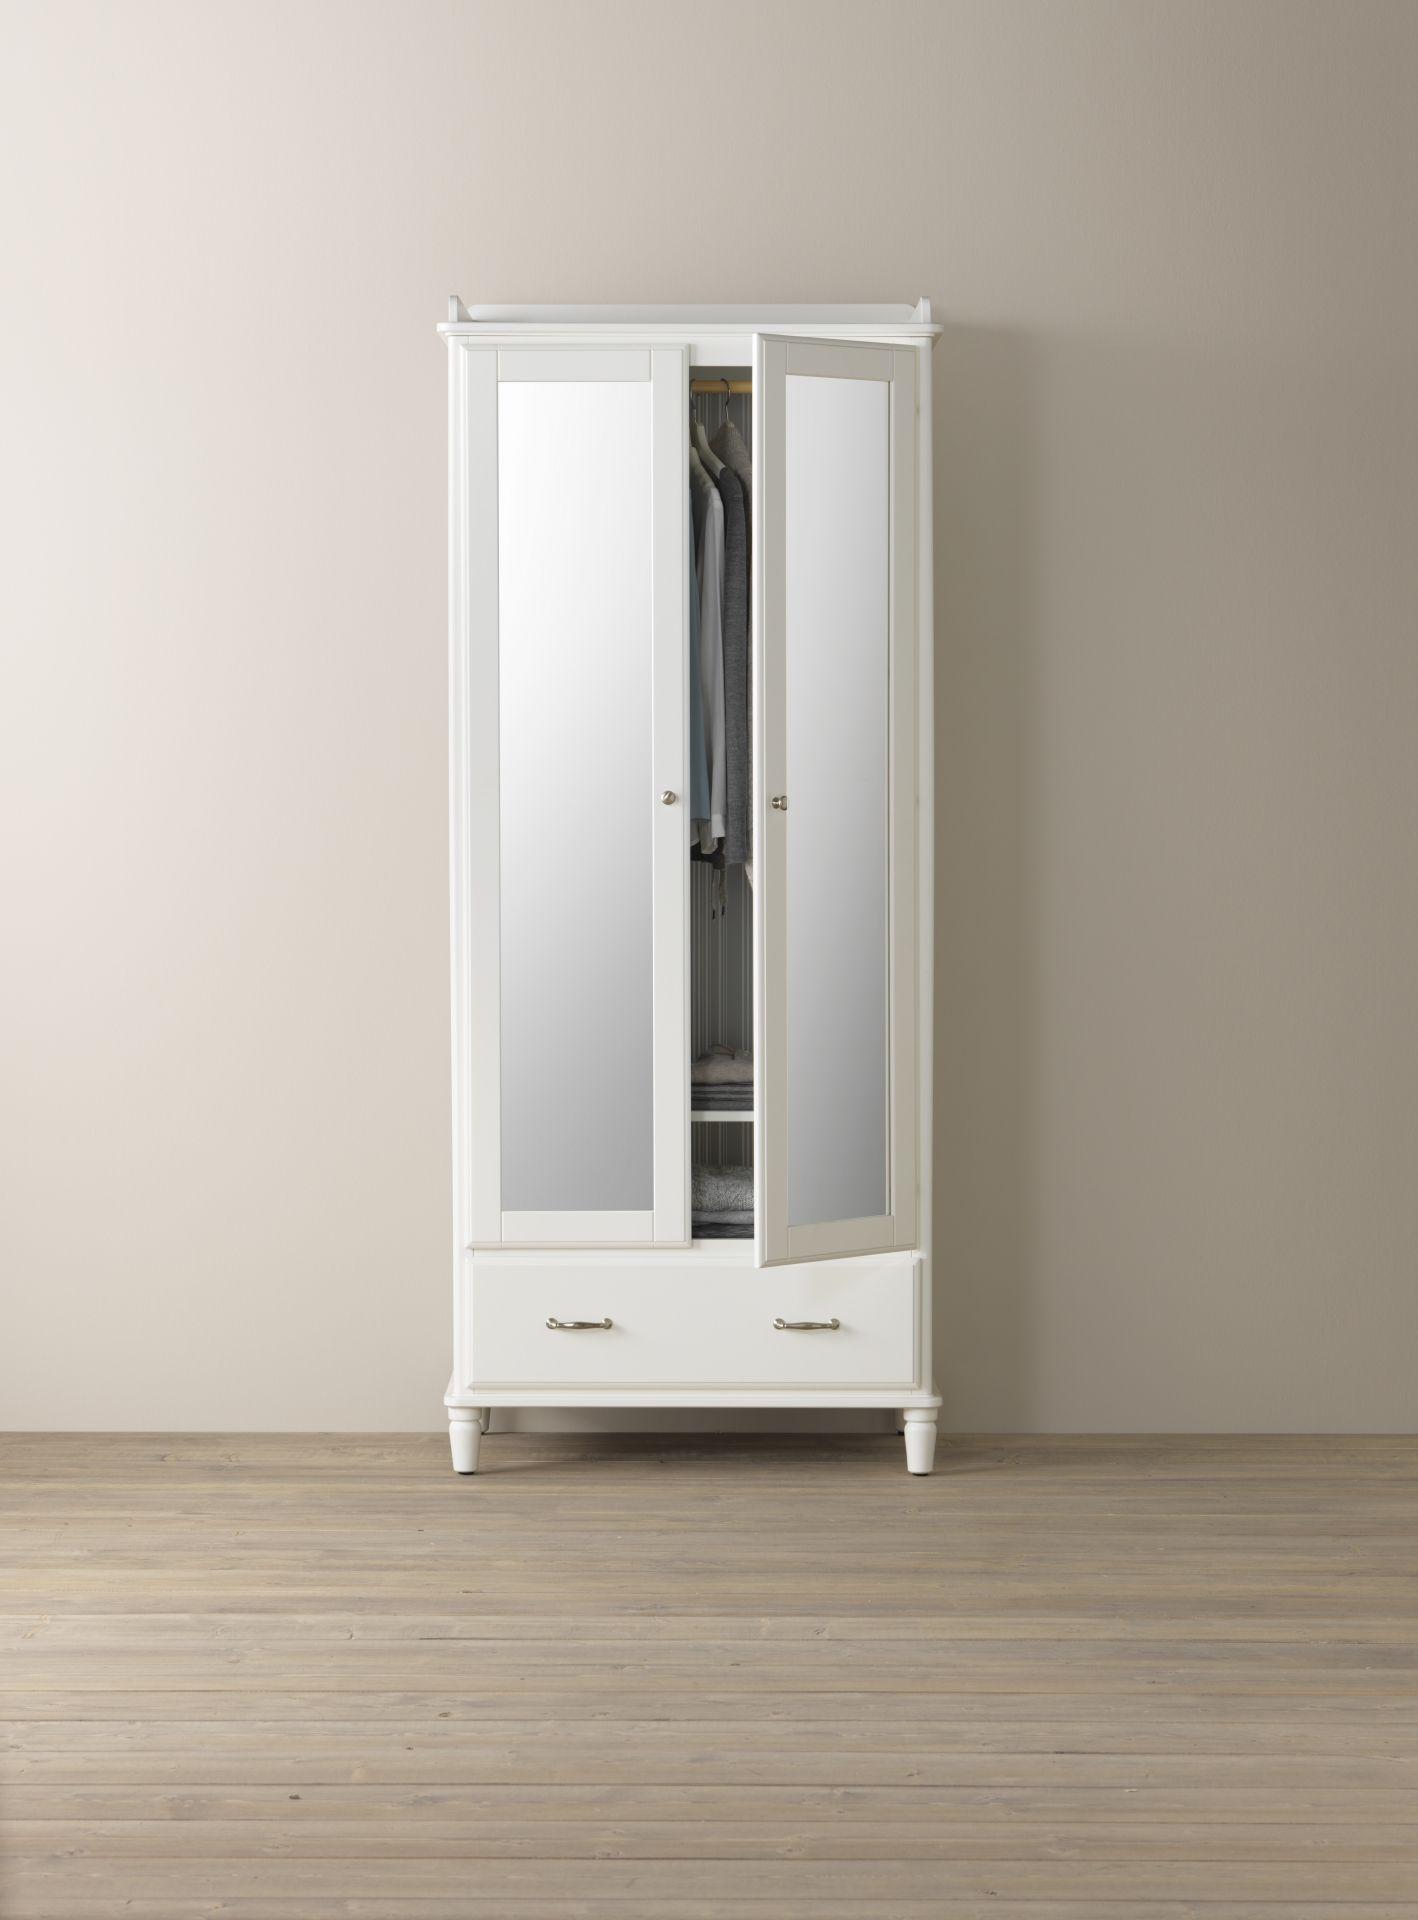 TYSSEDAL garderobekast  IKEAcatalogus nieuw 2017 IKEA